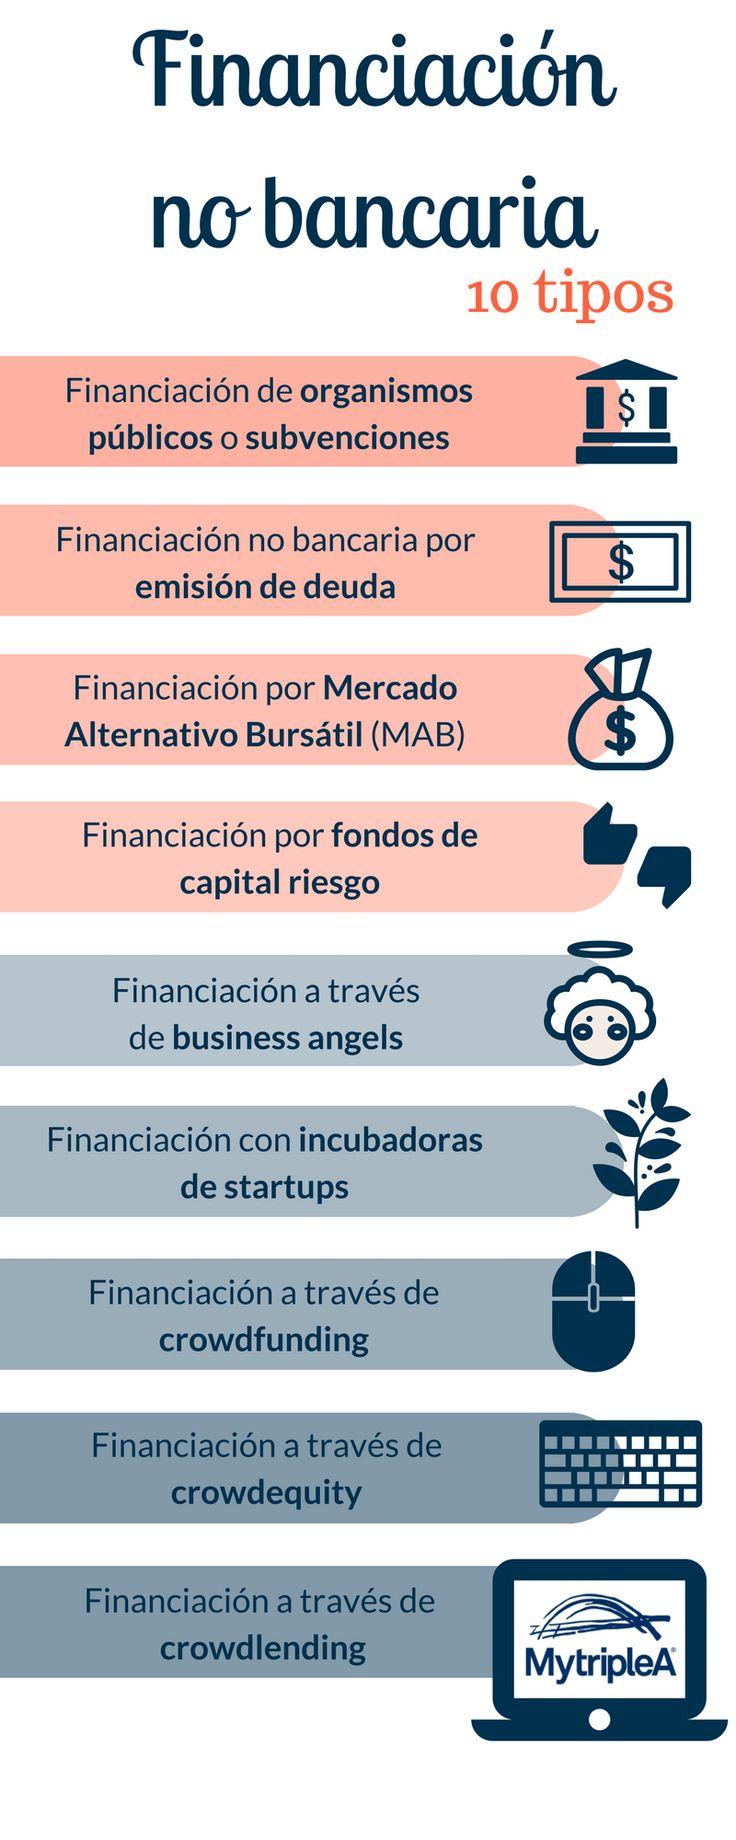 10 tipos de #financiación no bancaria. ¿Cuál es tu preferida? ¿se te ocurre alguna más? Haz clic en la #infografía para saber más